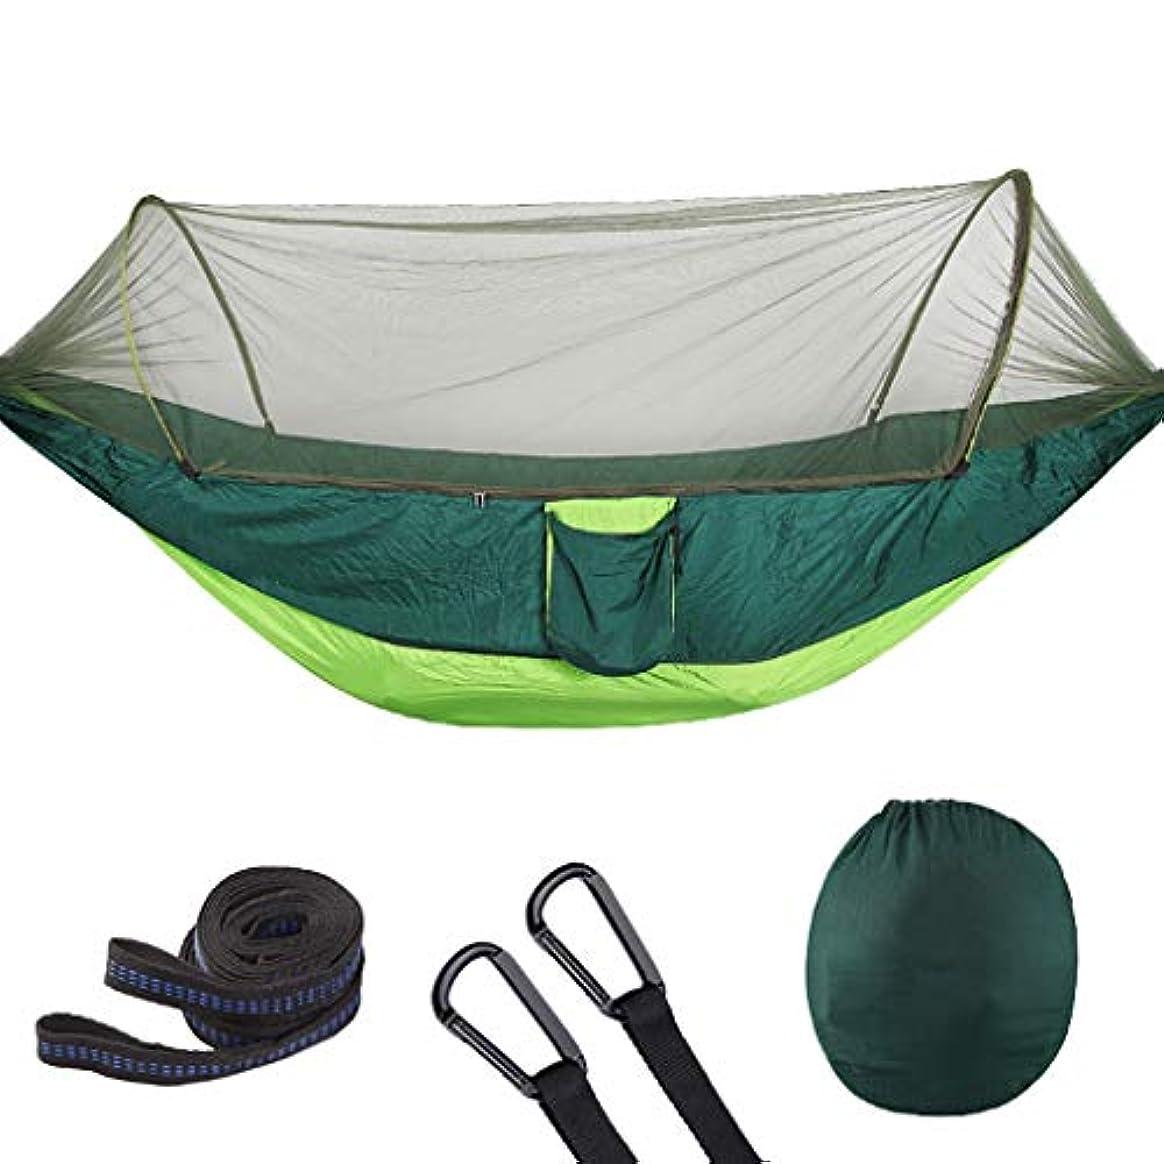 ジェームズダイソン普通の香ばしいスイングで使用する場合、蚊帳で快適かつ安全に蚊帳をサポートします。ダブルリングの木のベルト、自動クイックオープンテントタイプの屋外用キャンプネット、ハンモック、裏庭、またはリラックスできるハンモック Qiuoorsqurp (色 : A, サイズ さいず : 290*140cm)